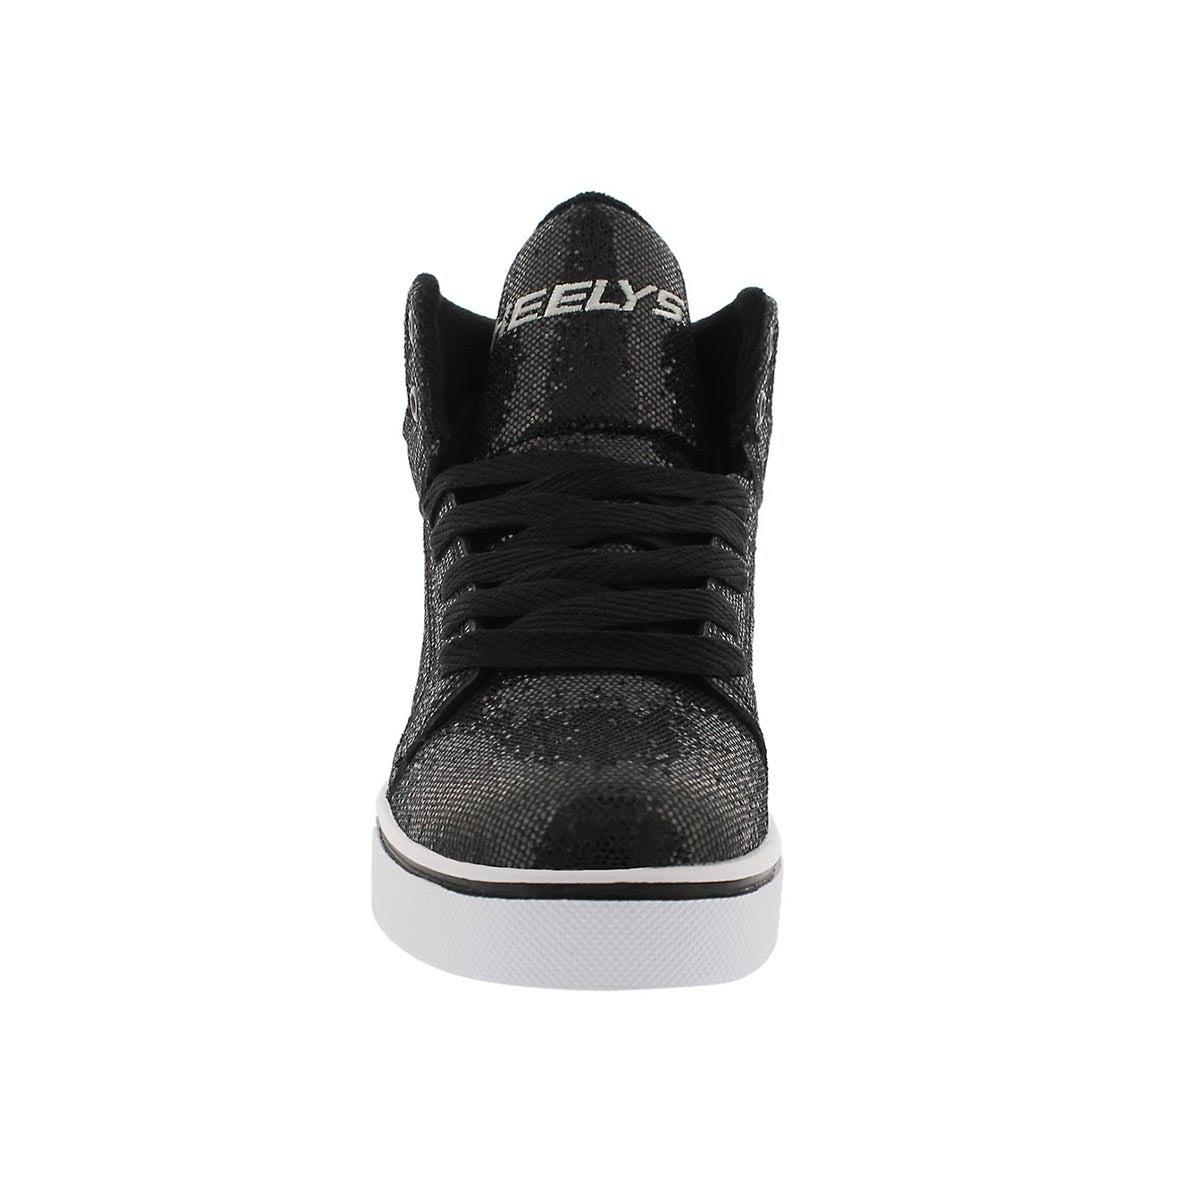 Grls Uptown black disco hi skate sneaker